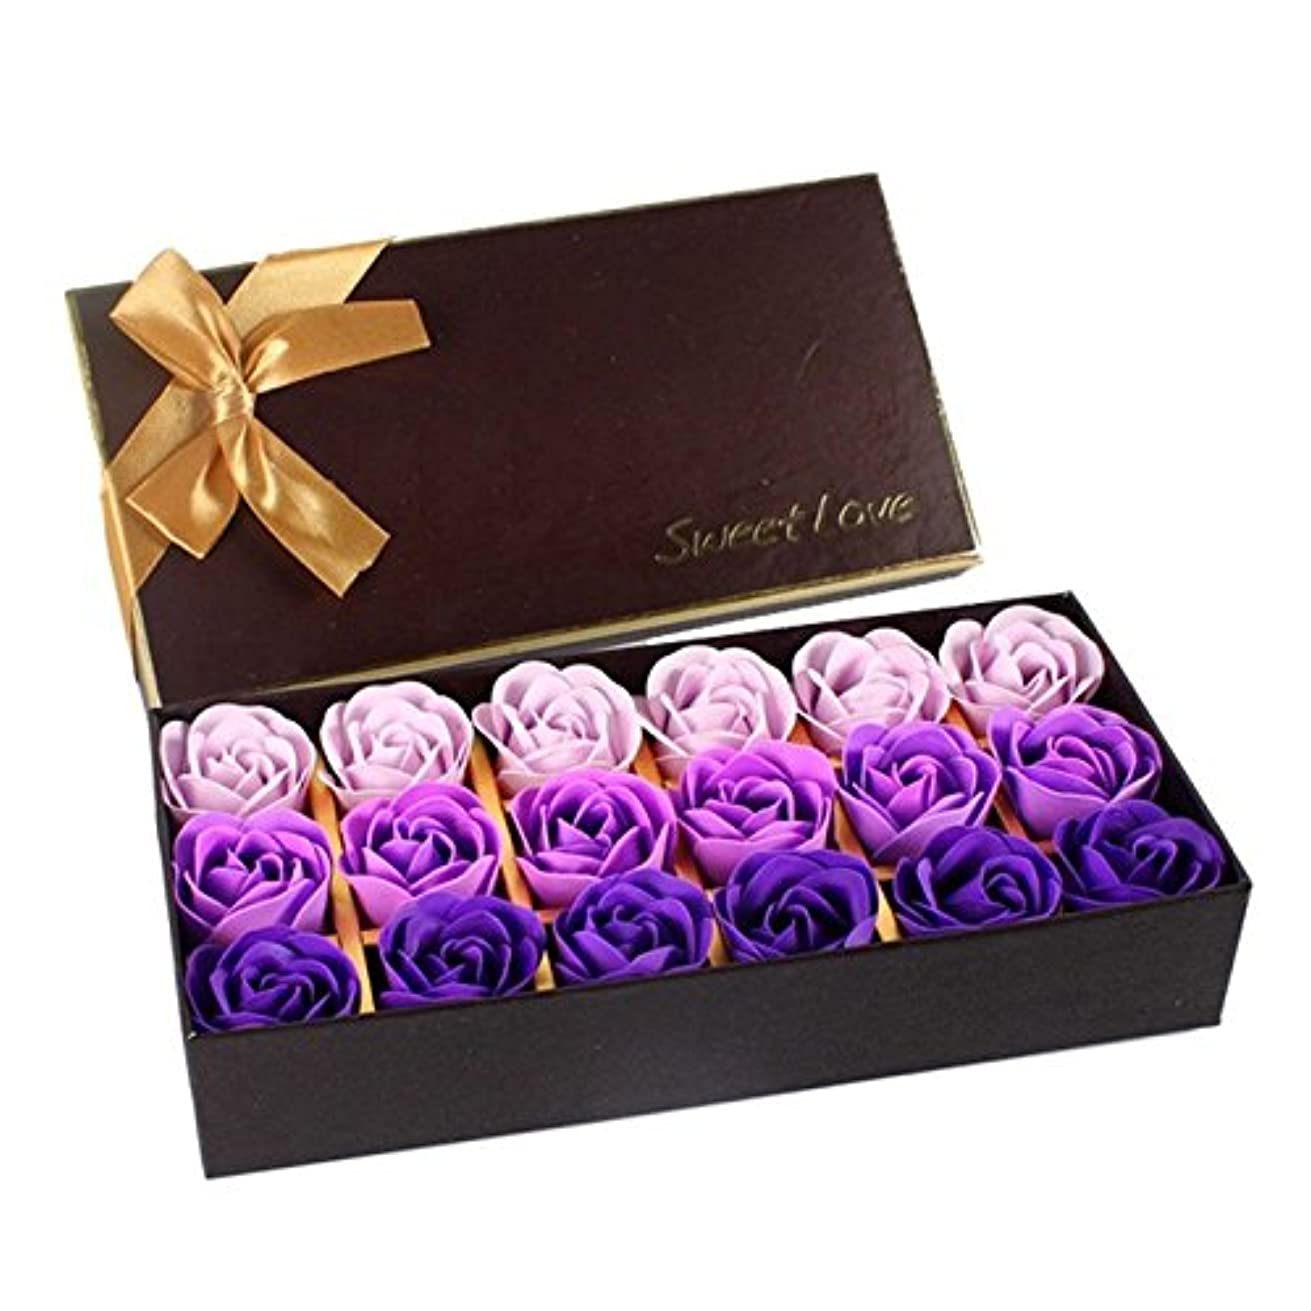 鳩ルーフマーティンルーサーキングジュニアローズ フラワーソープ 石鹸 薔薇 プレゼント お祝い ② #334